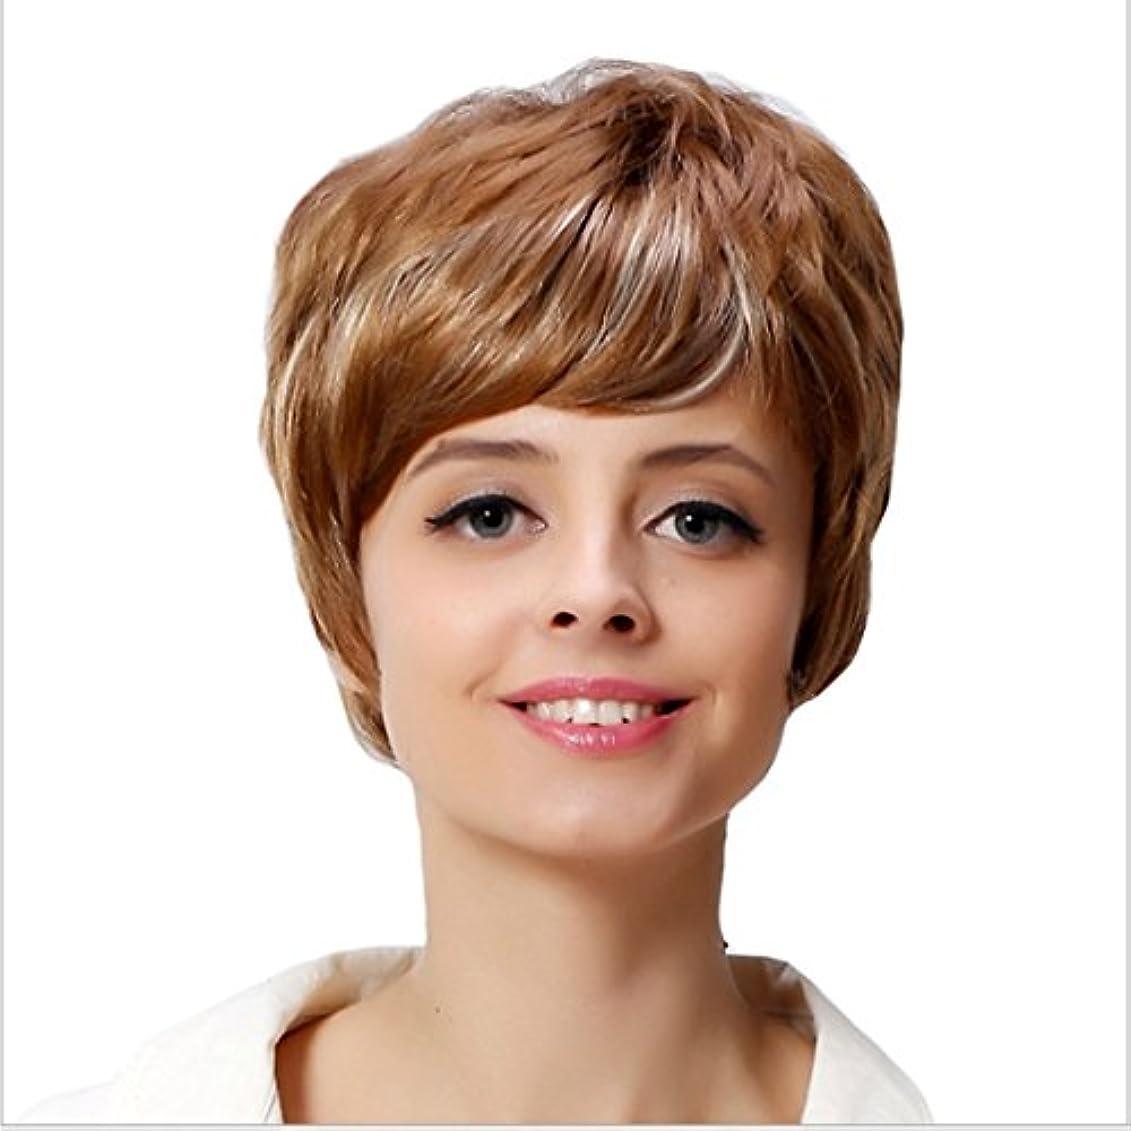 礼儀有益な体操YOUQIU ホワイト女性のためのフラット前髪毛180グラムかつらを持つ女性カーリー耐熱ウィッグのために10インチ/ 12インチショートウェーブゴールドウィッグ (サイズ : 10inch)